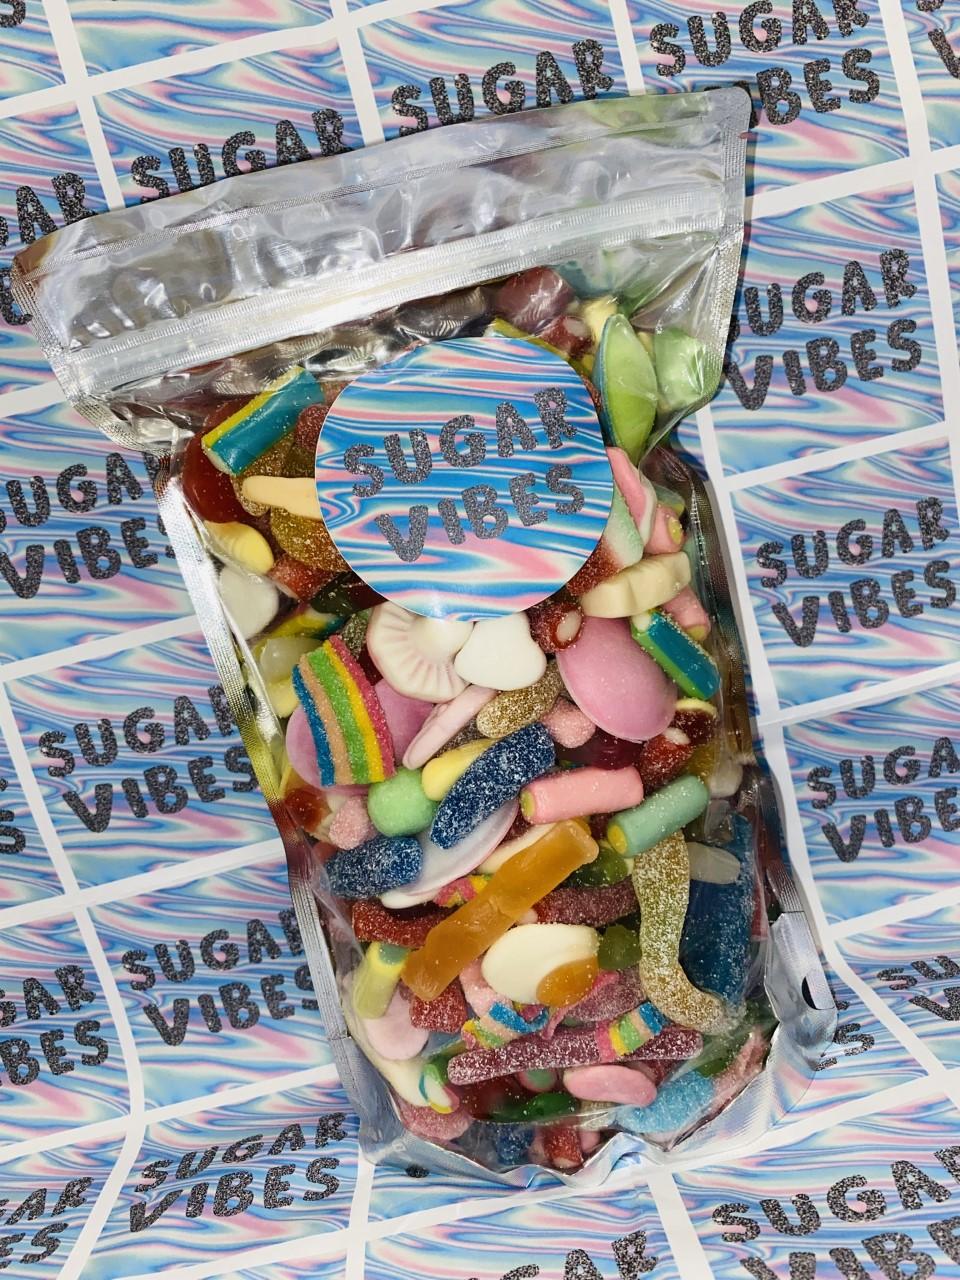 Sugar Vibes pic 1